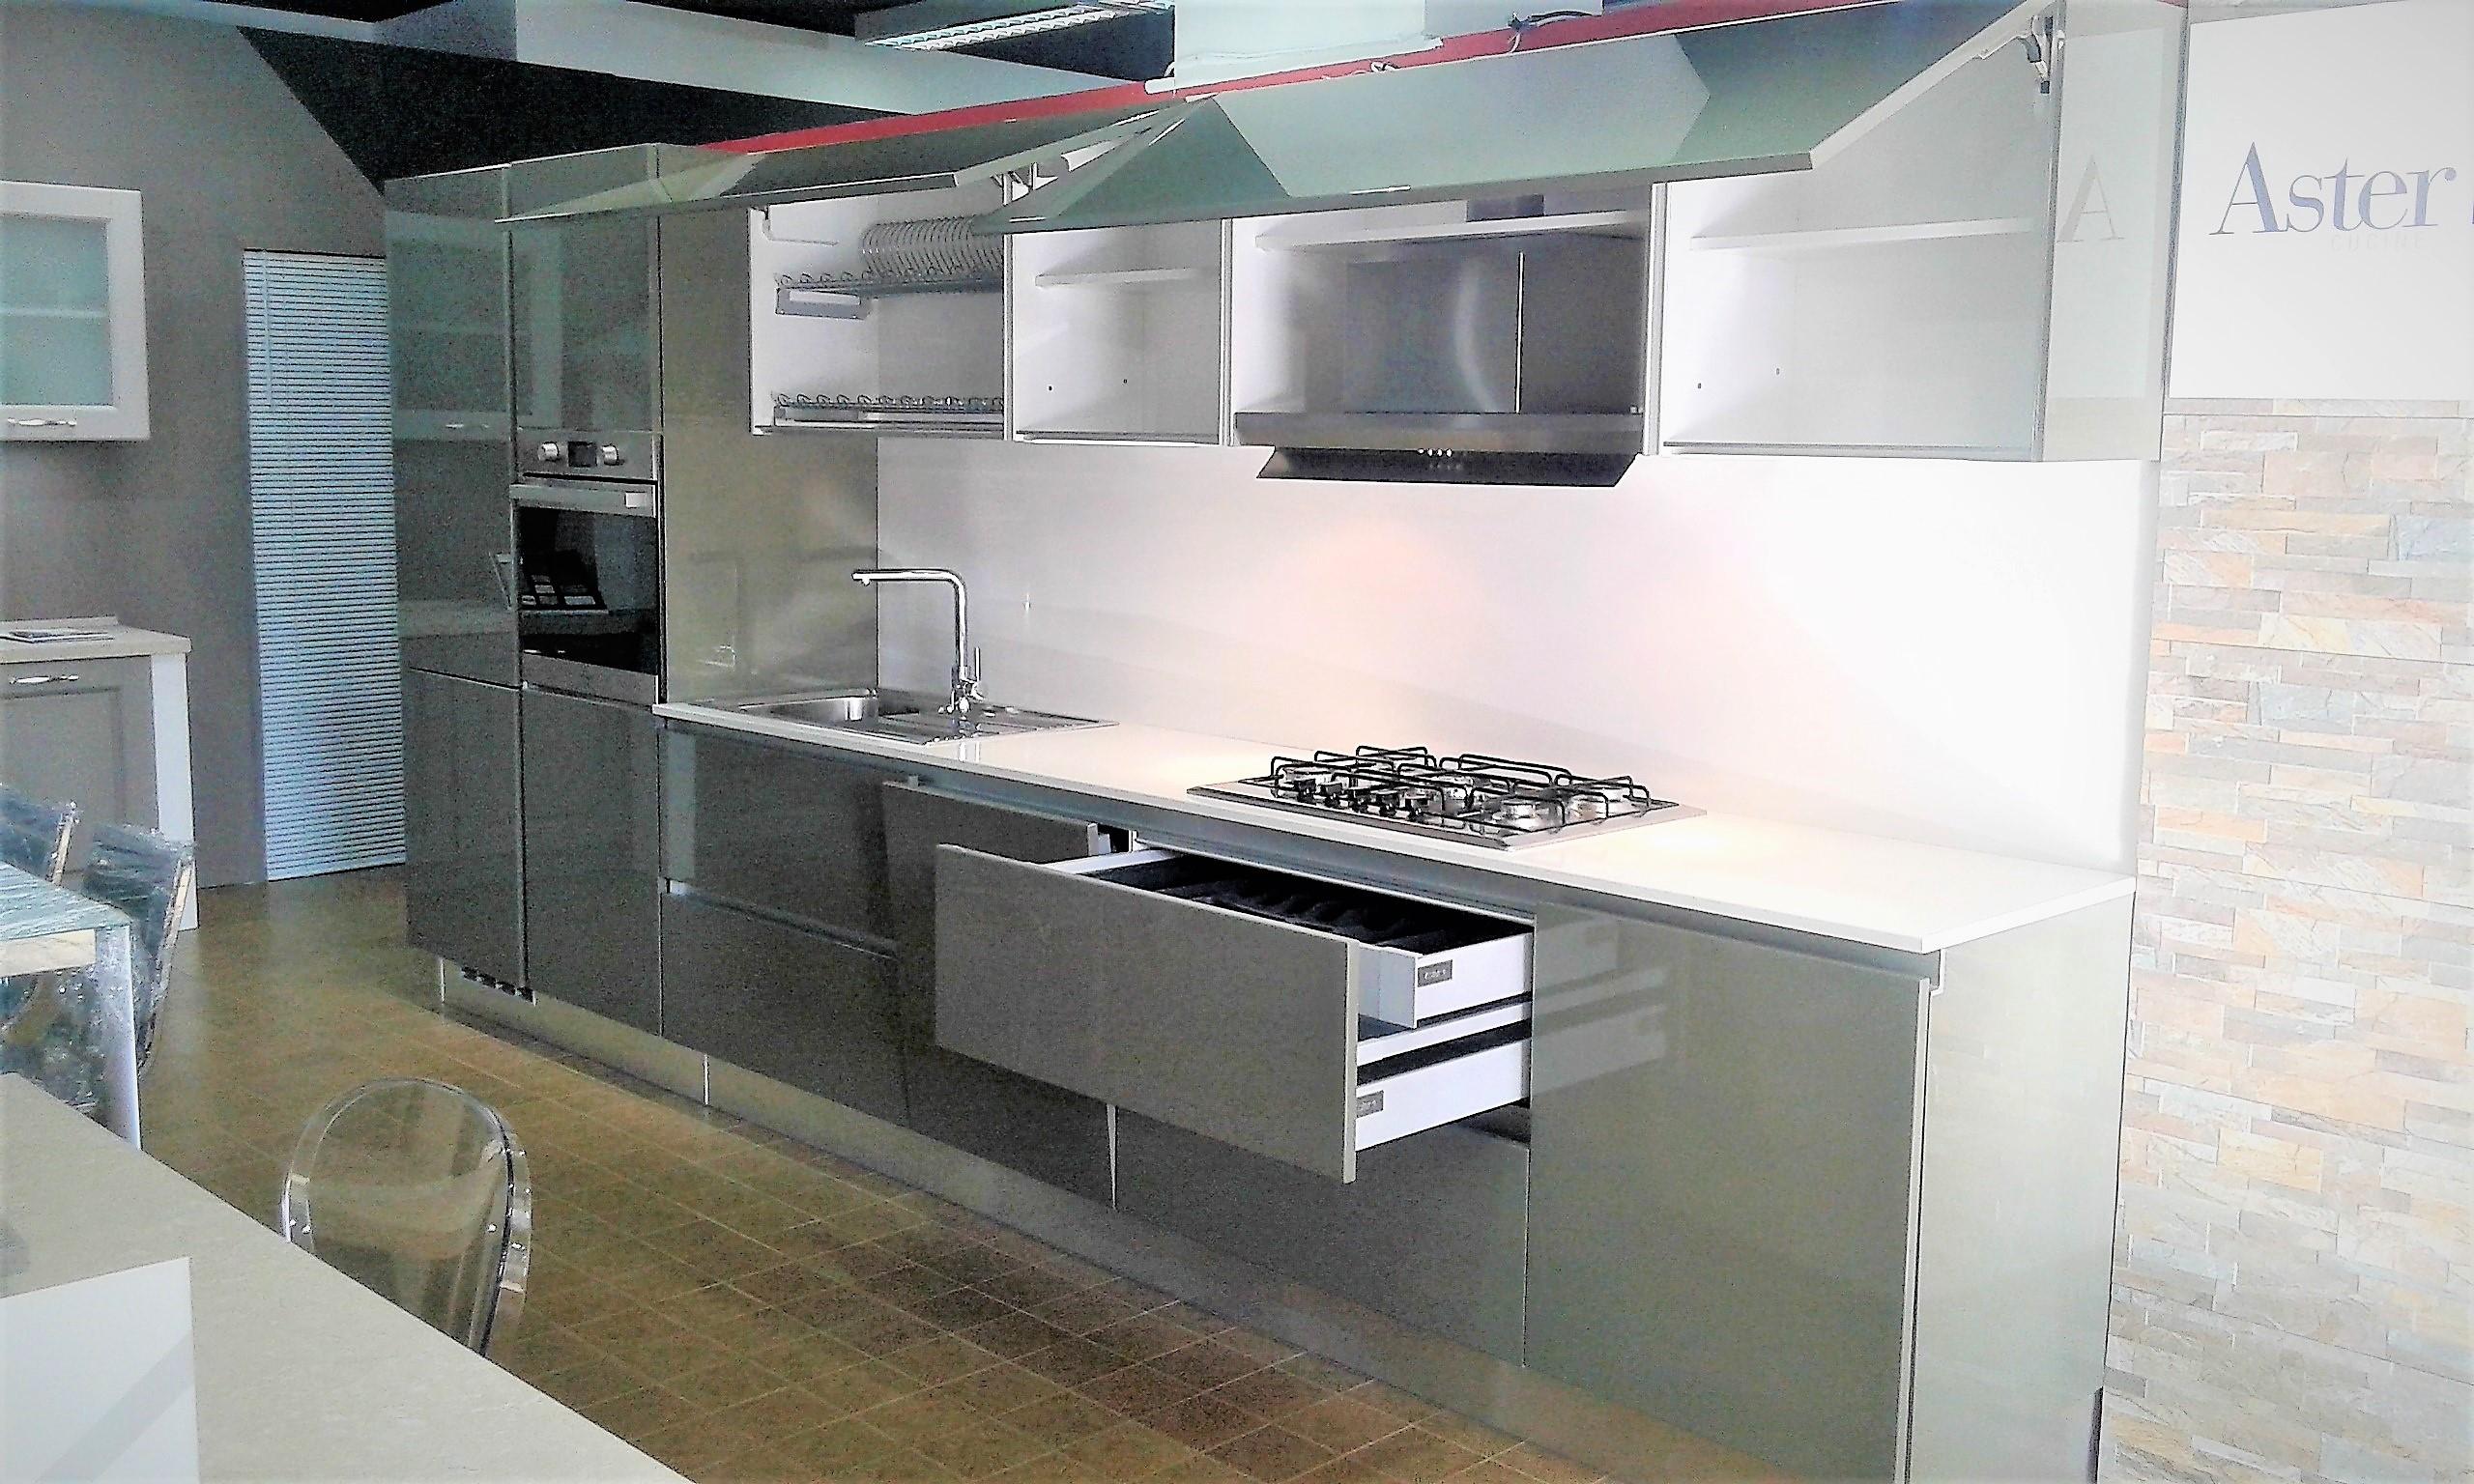 cucina ASTER laccata scontata del 50 % per rinnovo esposizione ...